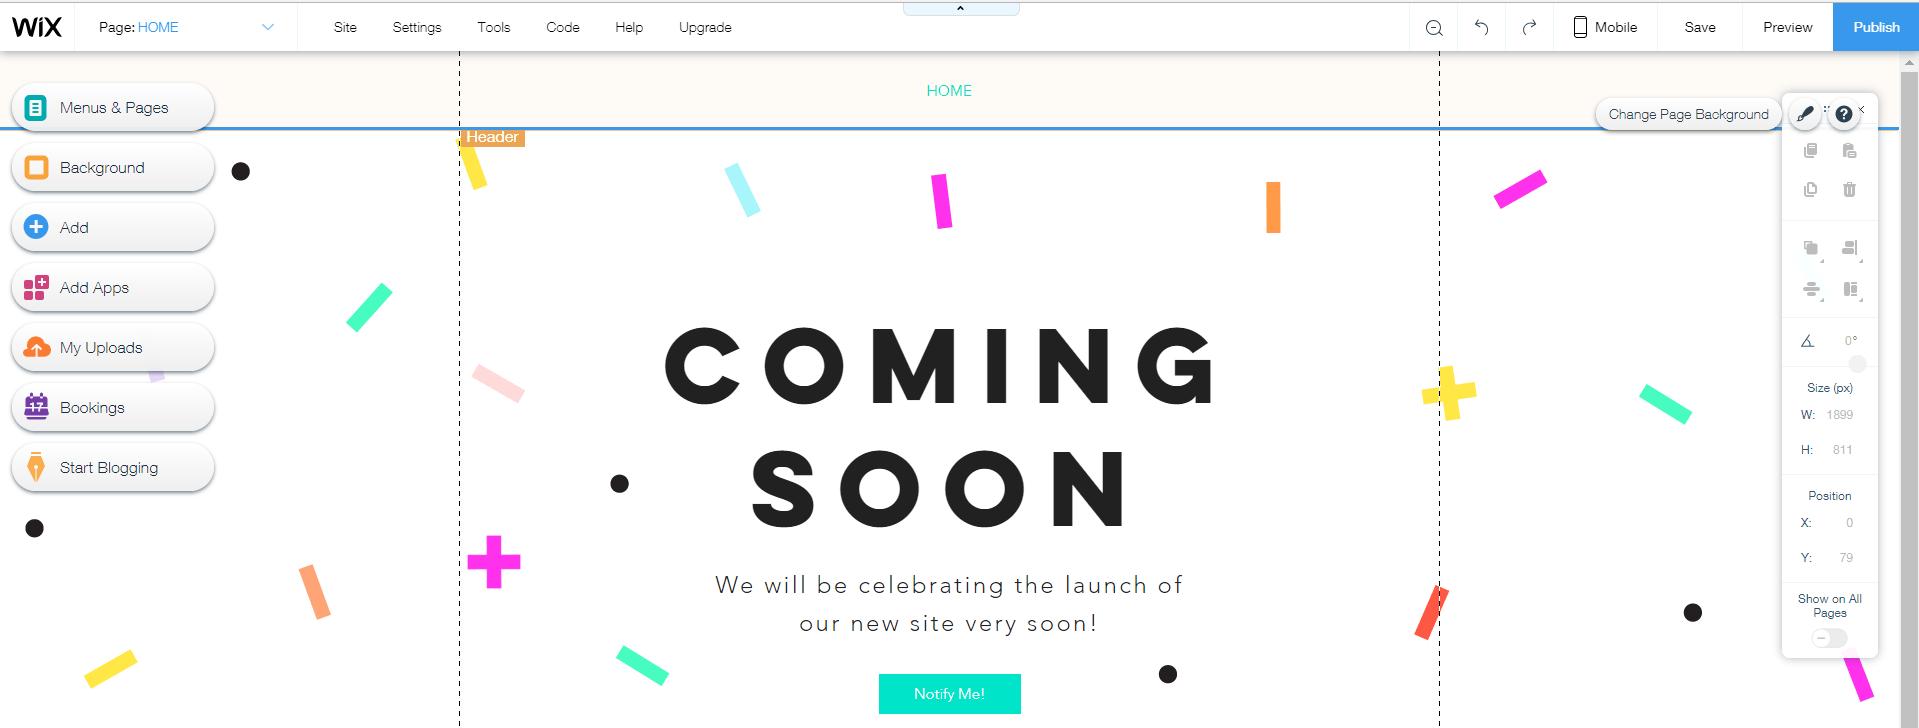 ejemplo de página de inicio de wix